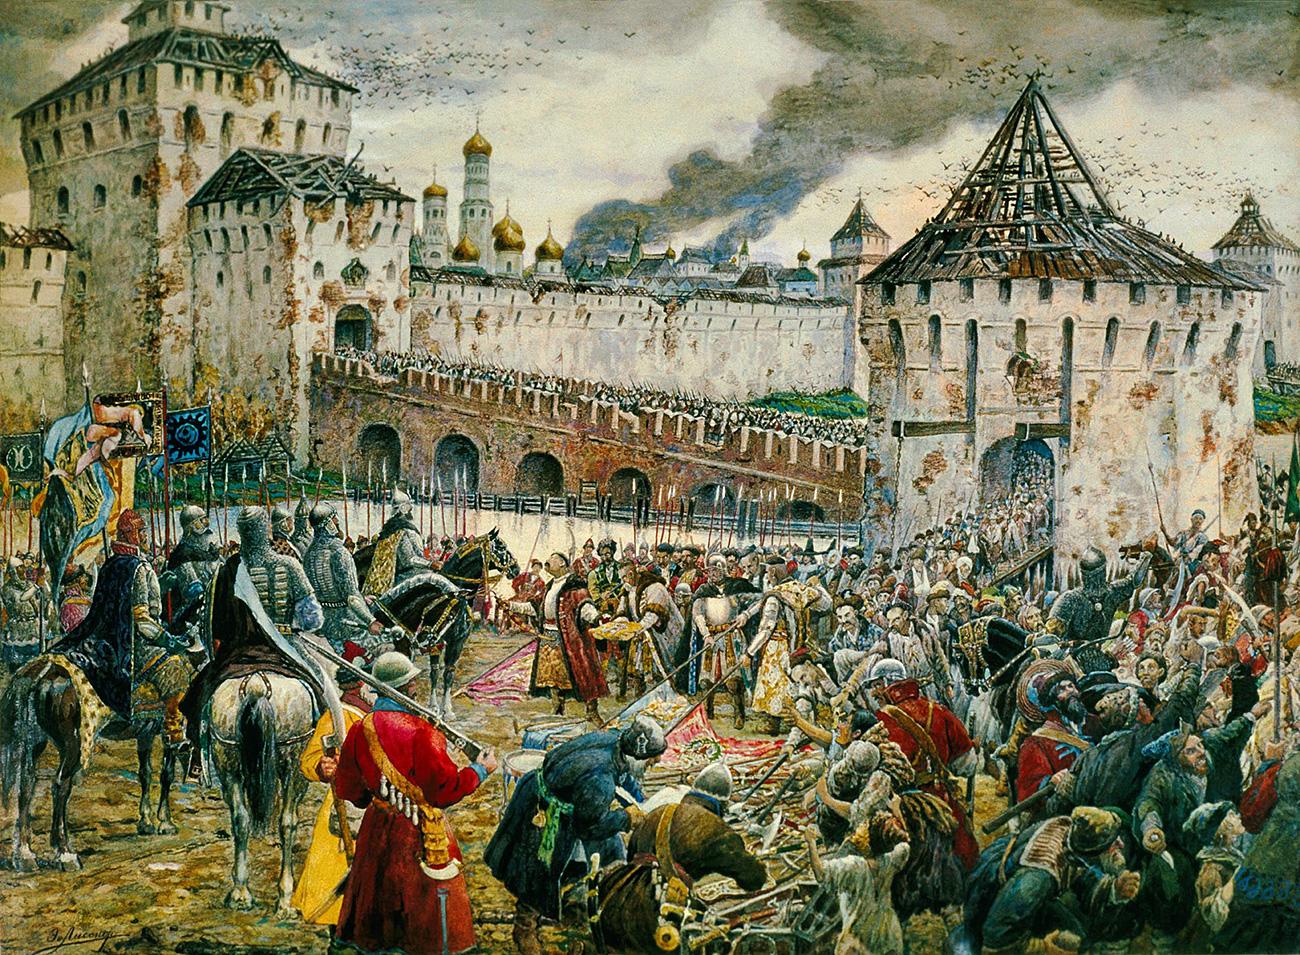 Полјаците излегуваат од Кремљ и му се предаваат на кнезот Пожарски 1612 / Ернест Лиснер